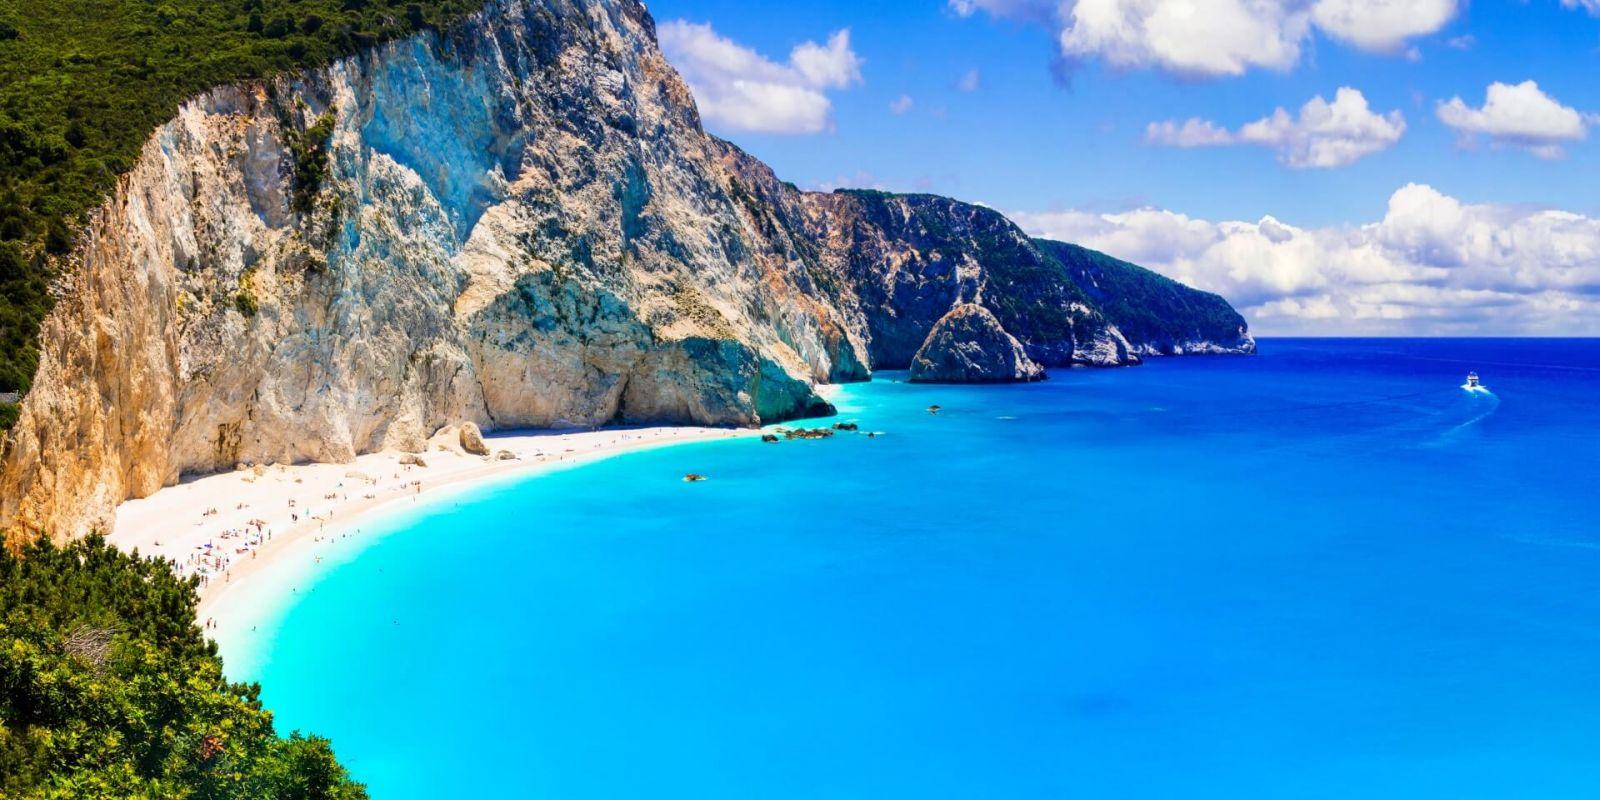 https://www.talamare.fr/medias/Mouillage près d'une superbe plage de Lefkada lors d'une location de yacht en Grèce dans les îles ioniennes